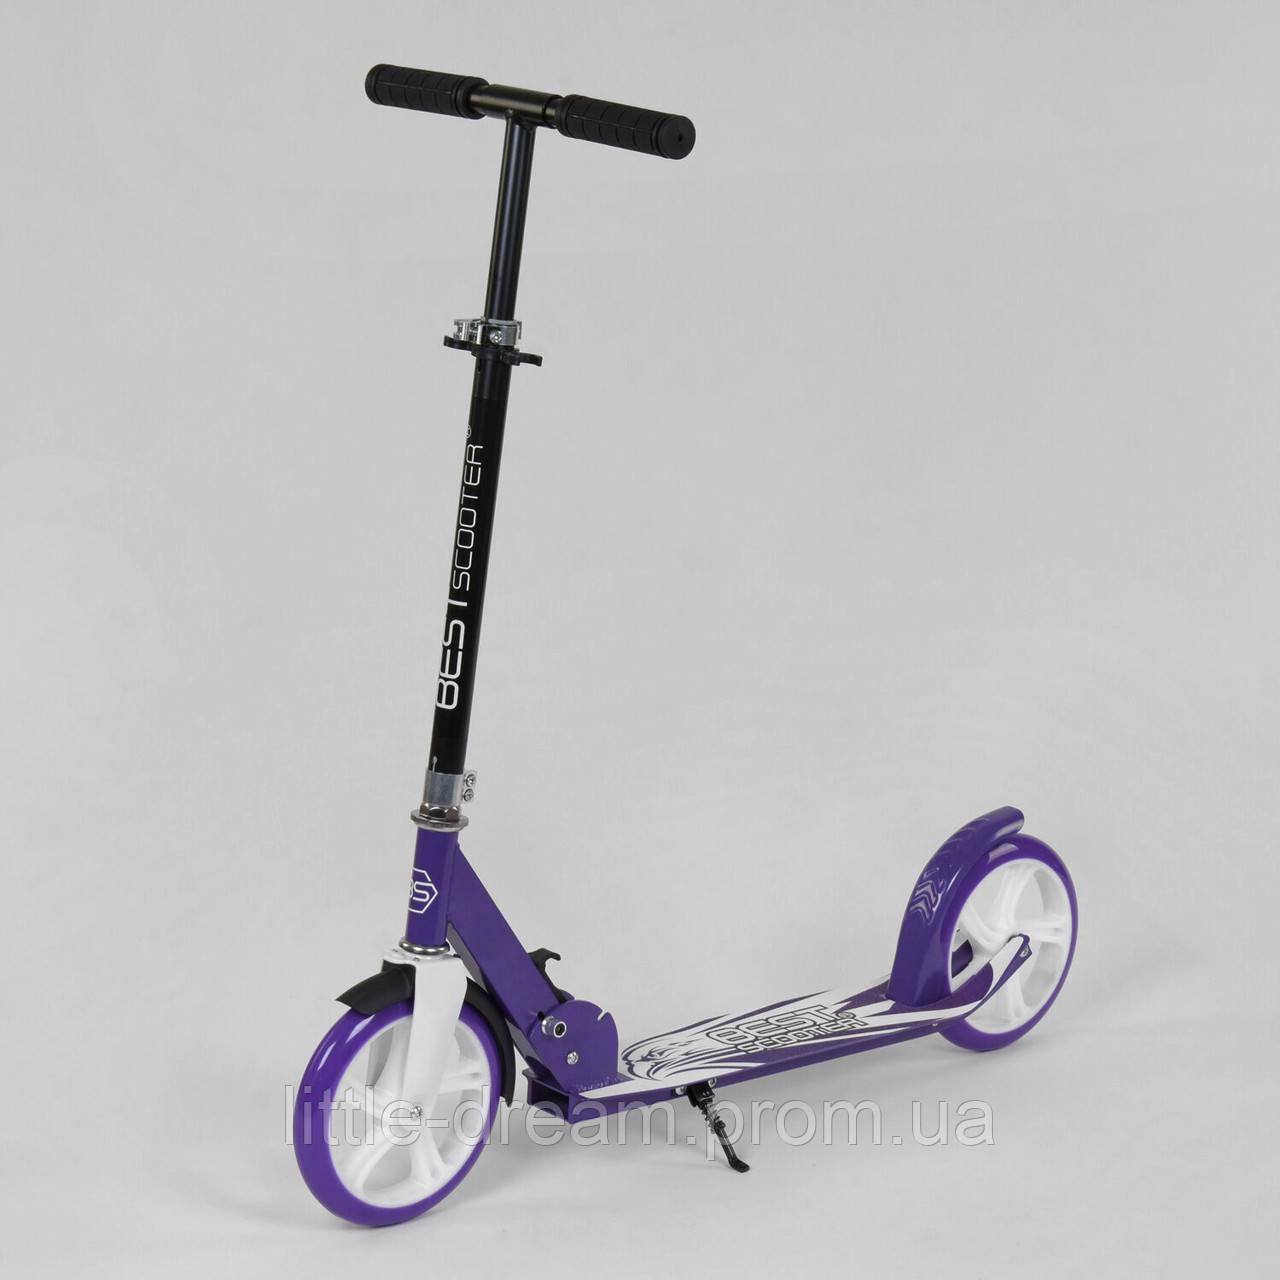 Самокат двухколесный Best Scooter 85344 Фиолетовый